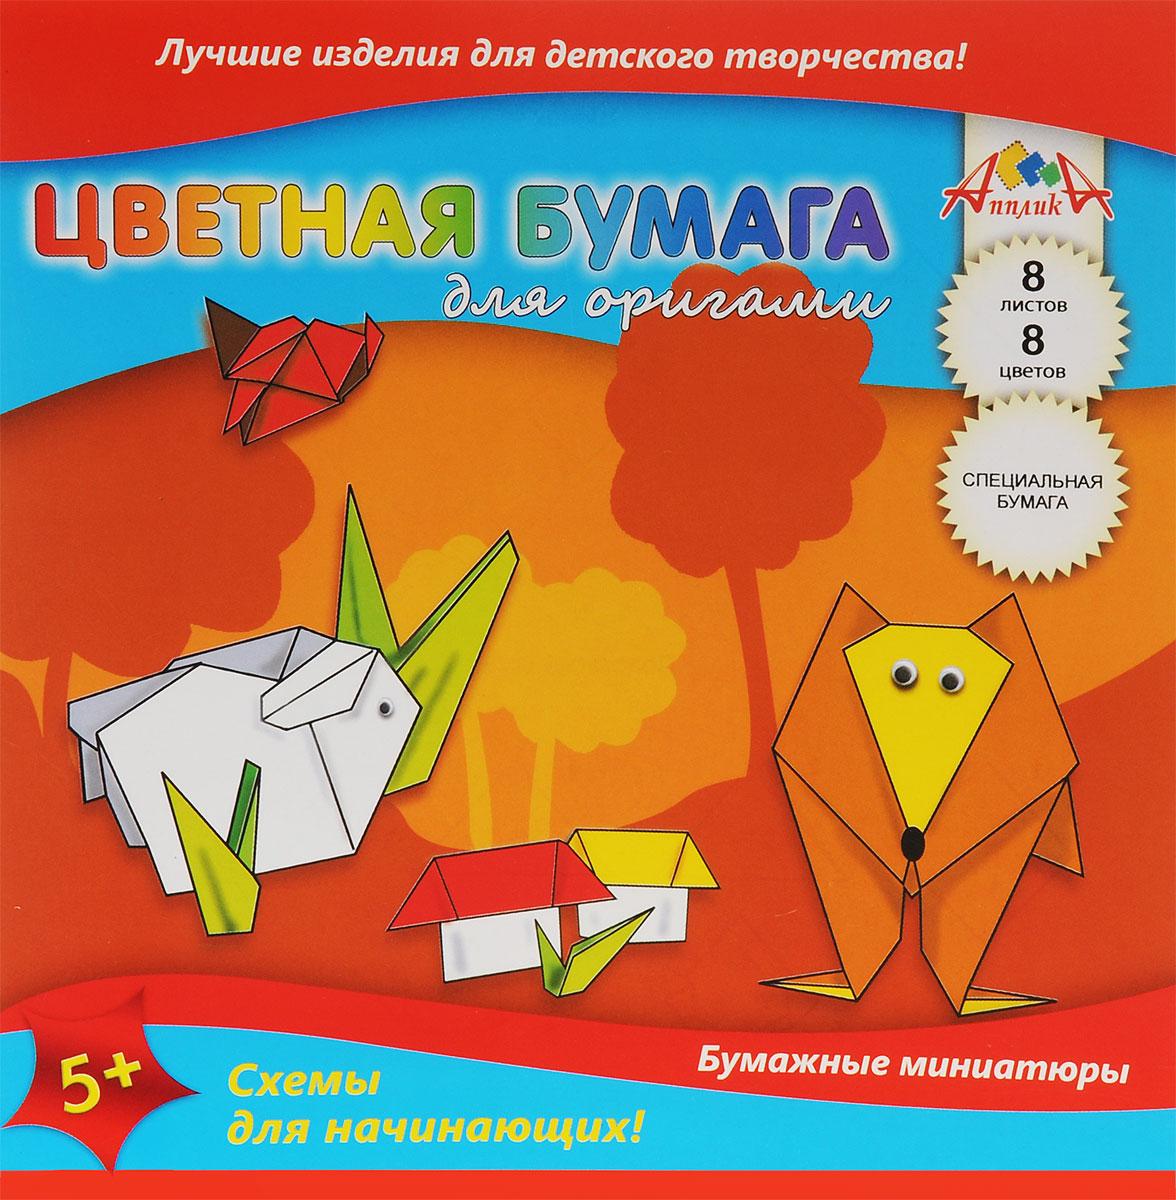 Апплика Цветная бумага для оригами Поход за грибами 8 листов72523WDНабор цветной бумаги Апплика Поход за грибами позволит создавать вашему ребенку своими руками оригинальное оригами. Набор состоит из 8 листов двусторонней бумаги разных цветов. Внутри папки приводятся схематичные инструкции по изготовлению оригами, сзади приведены расшифровка условных обозначений. Создание поделок из цветной бумаги позволяет ребенку развивать творческие способности, кроме того, это увлекательный досуг.Рекомендуемый возраст: 5+